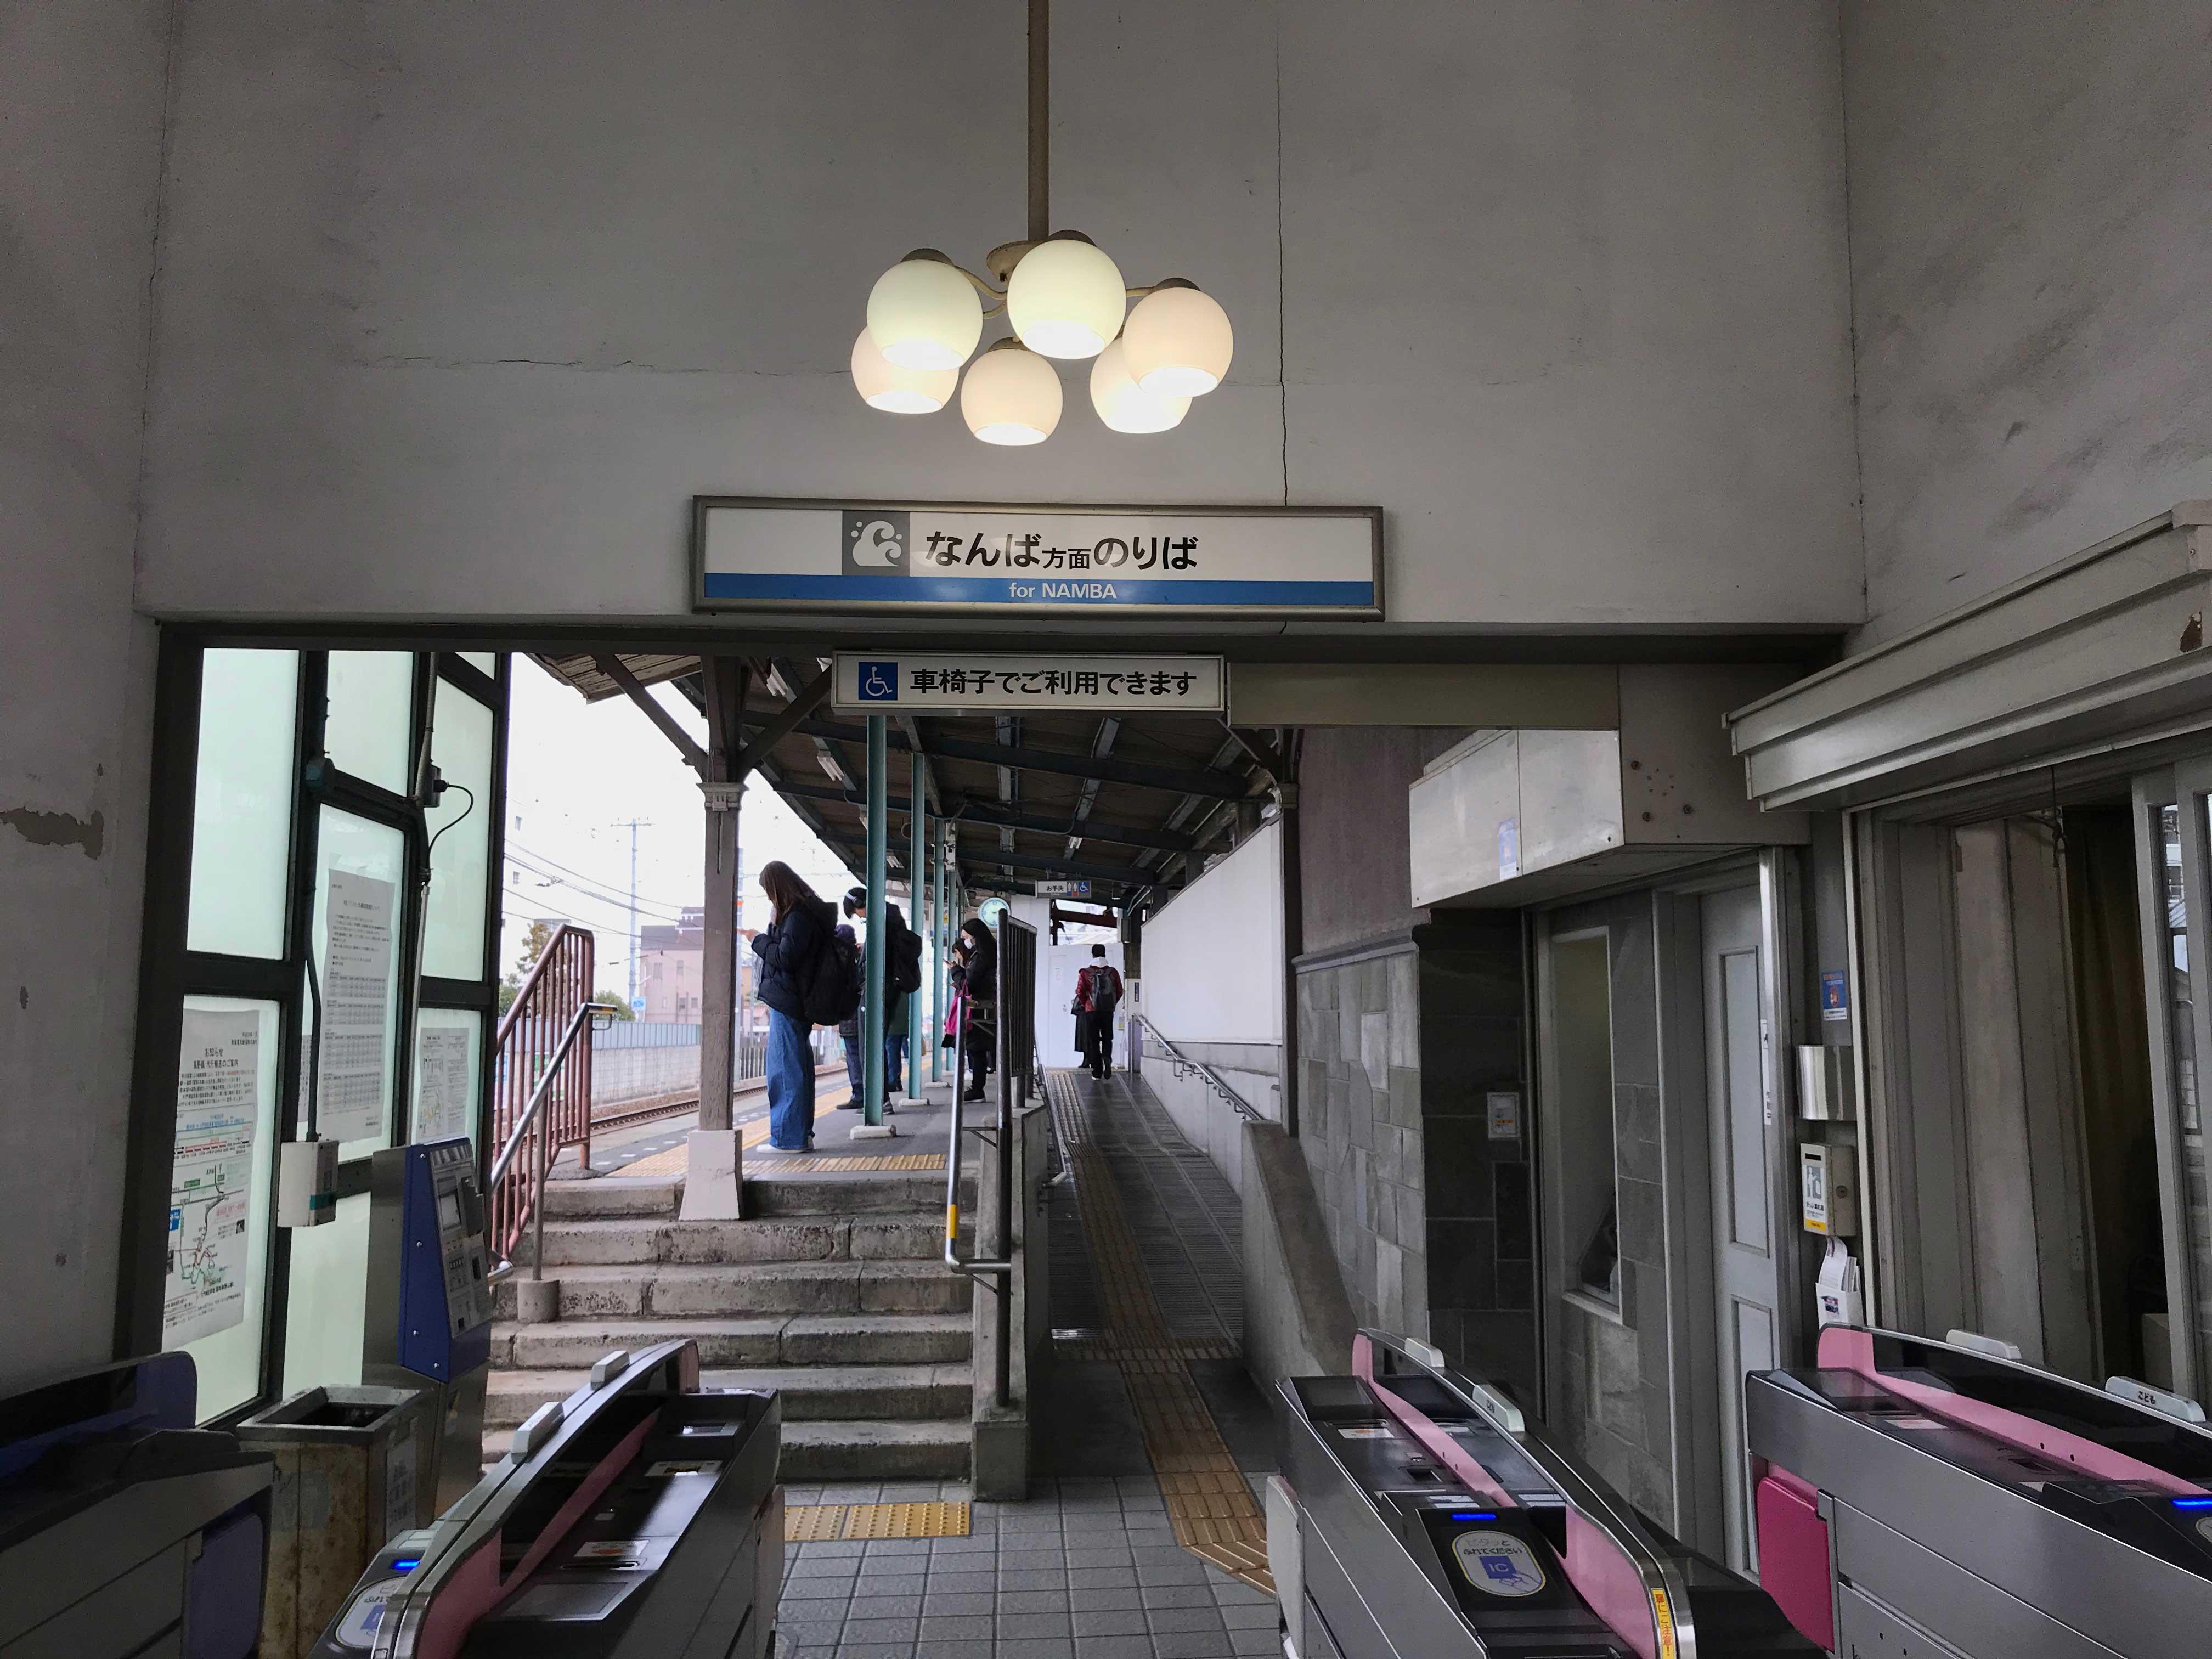 <p>諏訪ノ森駅西駅舎-改札越しに</p>改札越しに見る